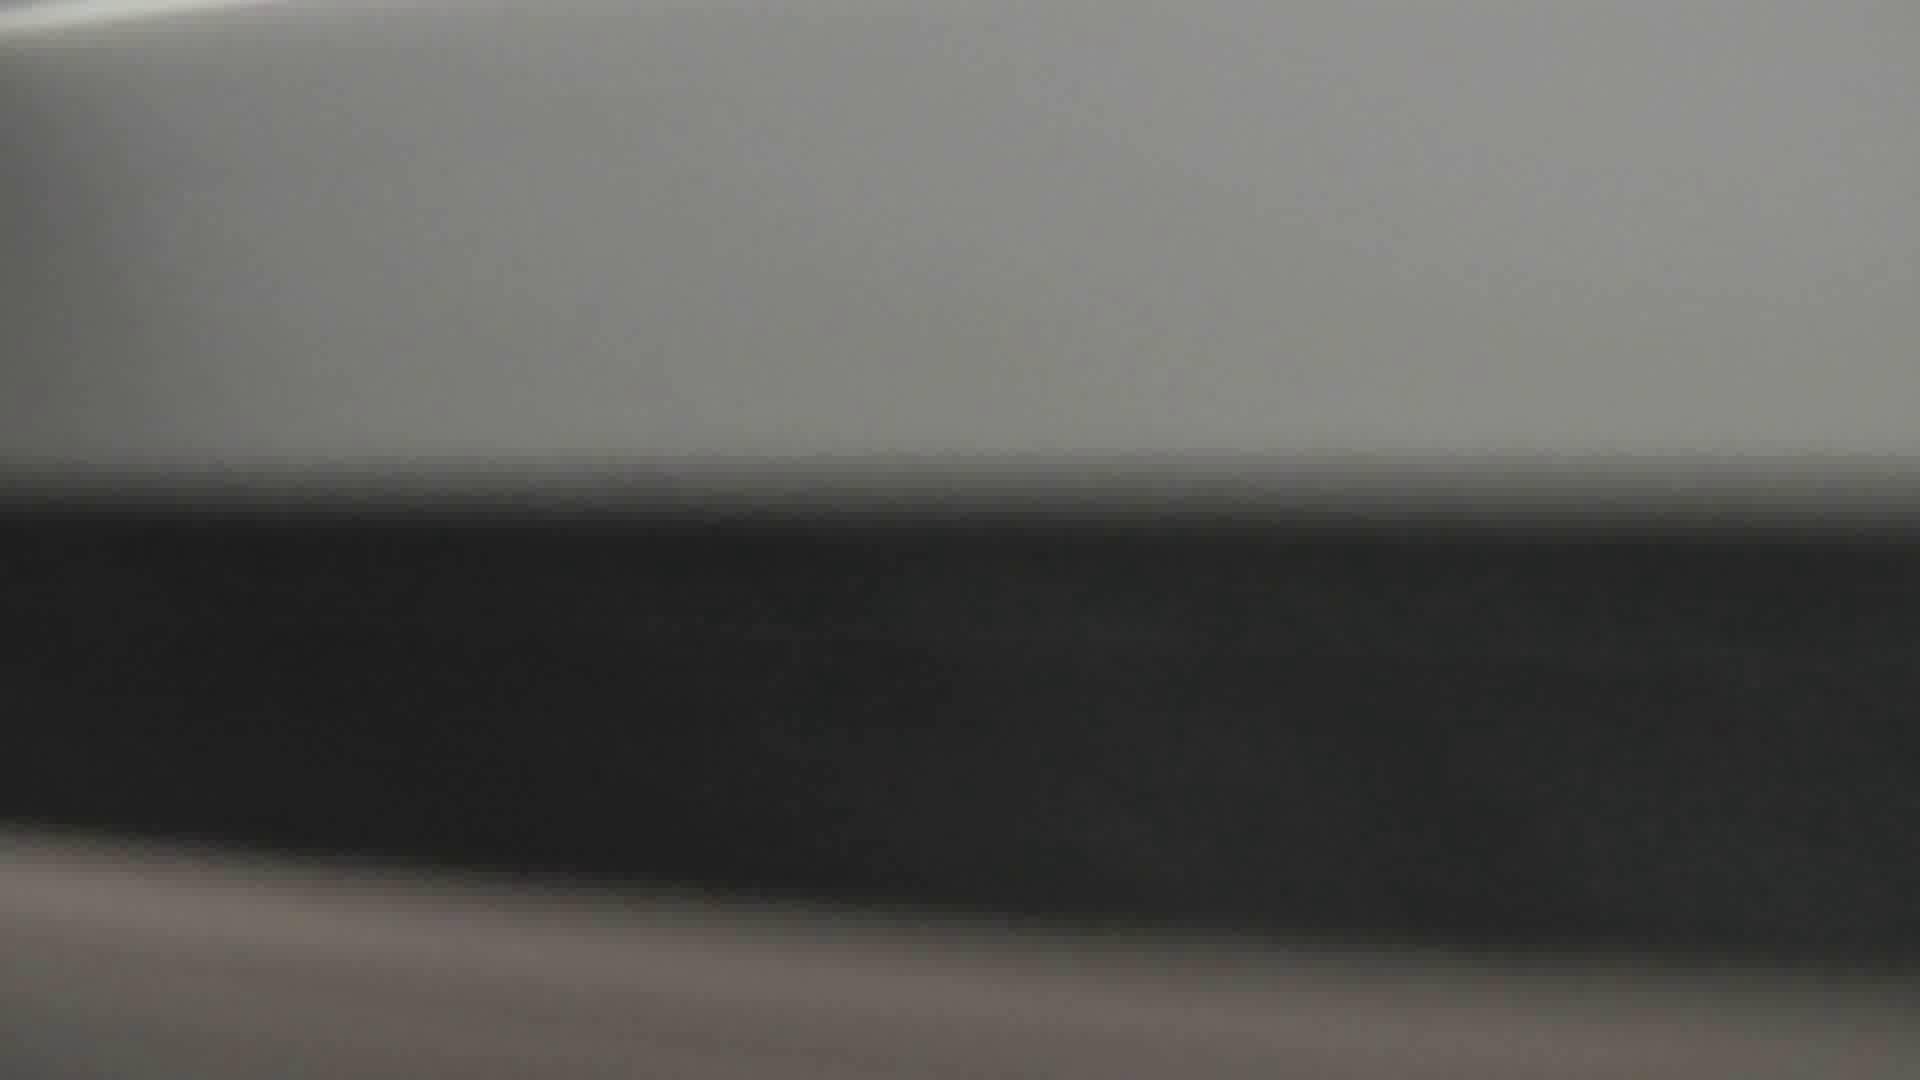 vol.24 命がけ潜伏洗面所! 三十時間潜り、一つしか出会えない完璧桃尻編 美人 ヌード画像 86連発 38